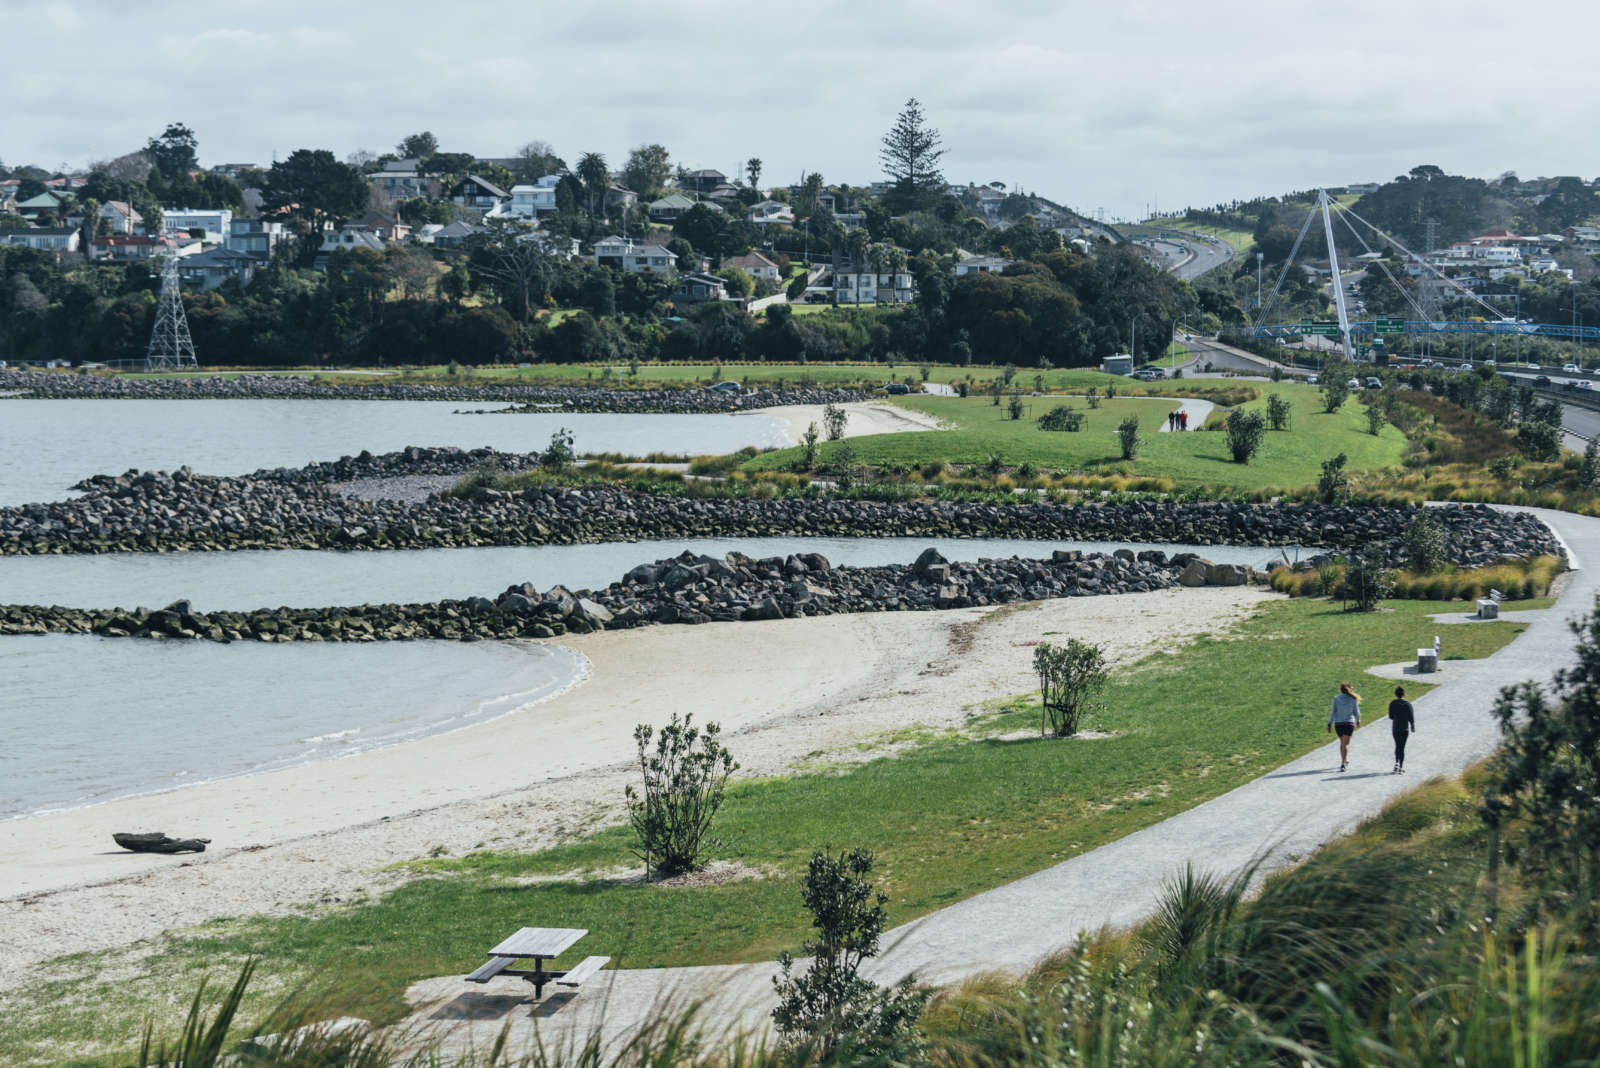 Landscape Architecture Park Design